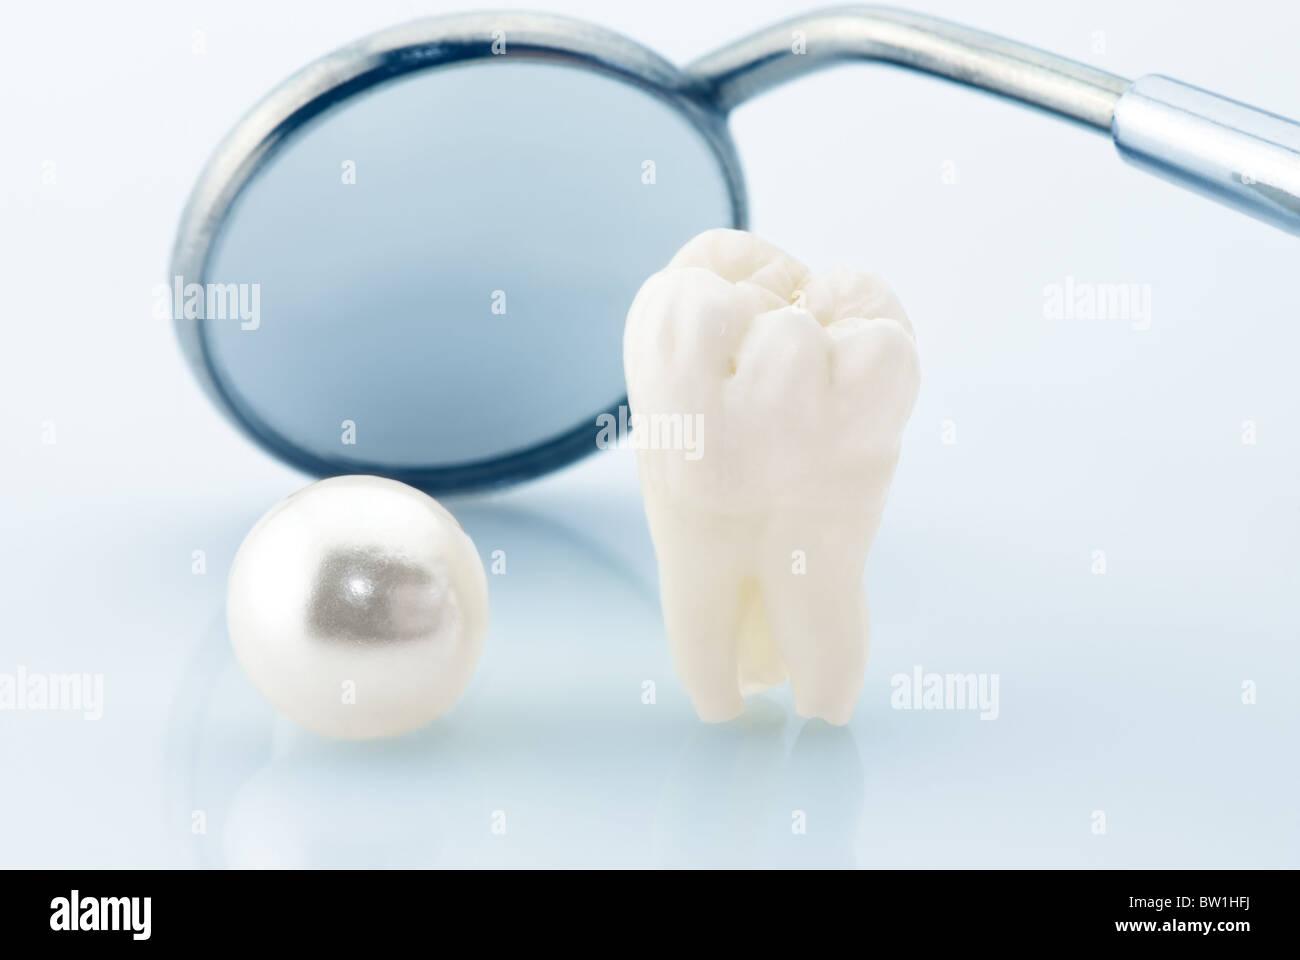 Gesunde Zähne-Konzept. Echte menschliche Weisheitszahn, natürliche ...